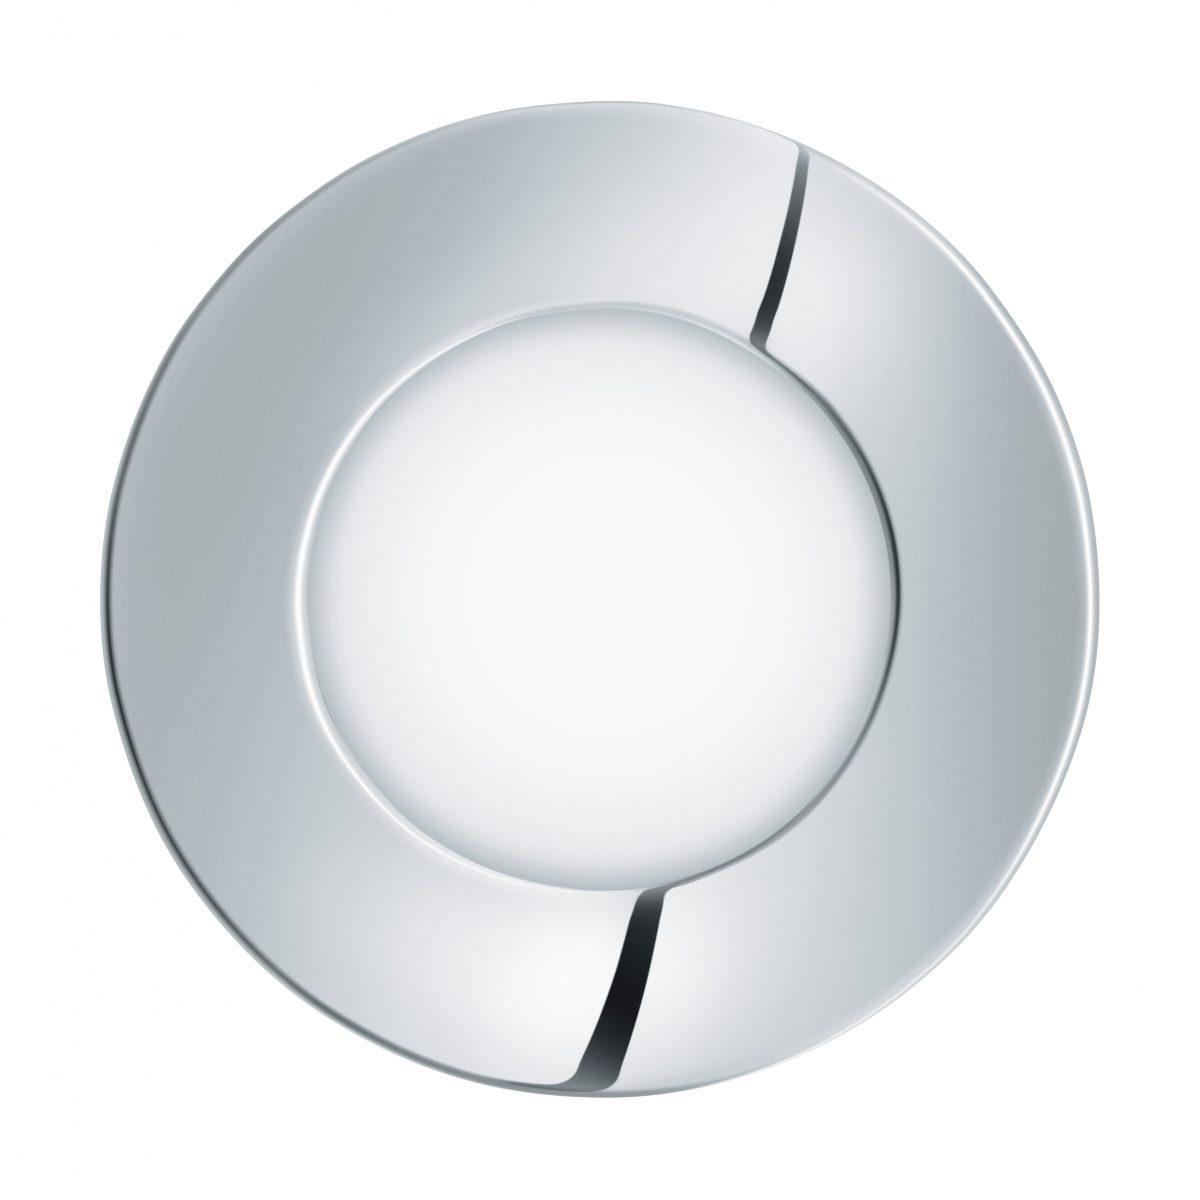 Светильник настенно-потолочный FUEVA 1 EGLO 96054 - Фото №28